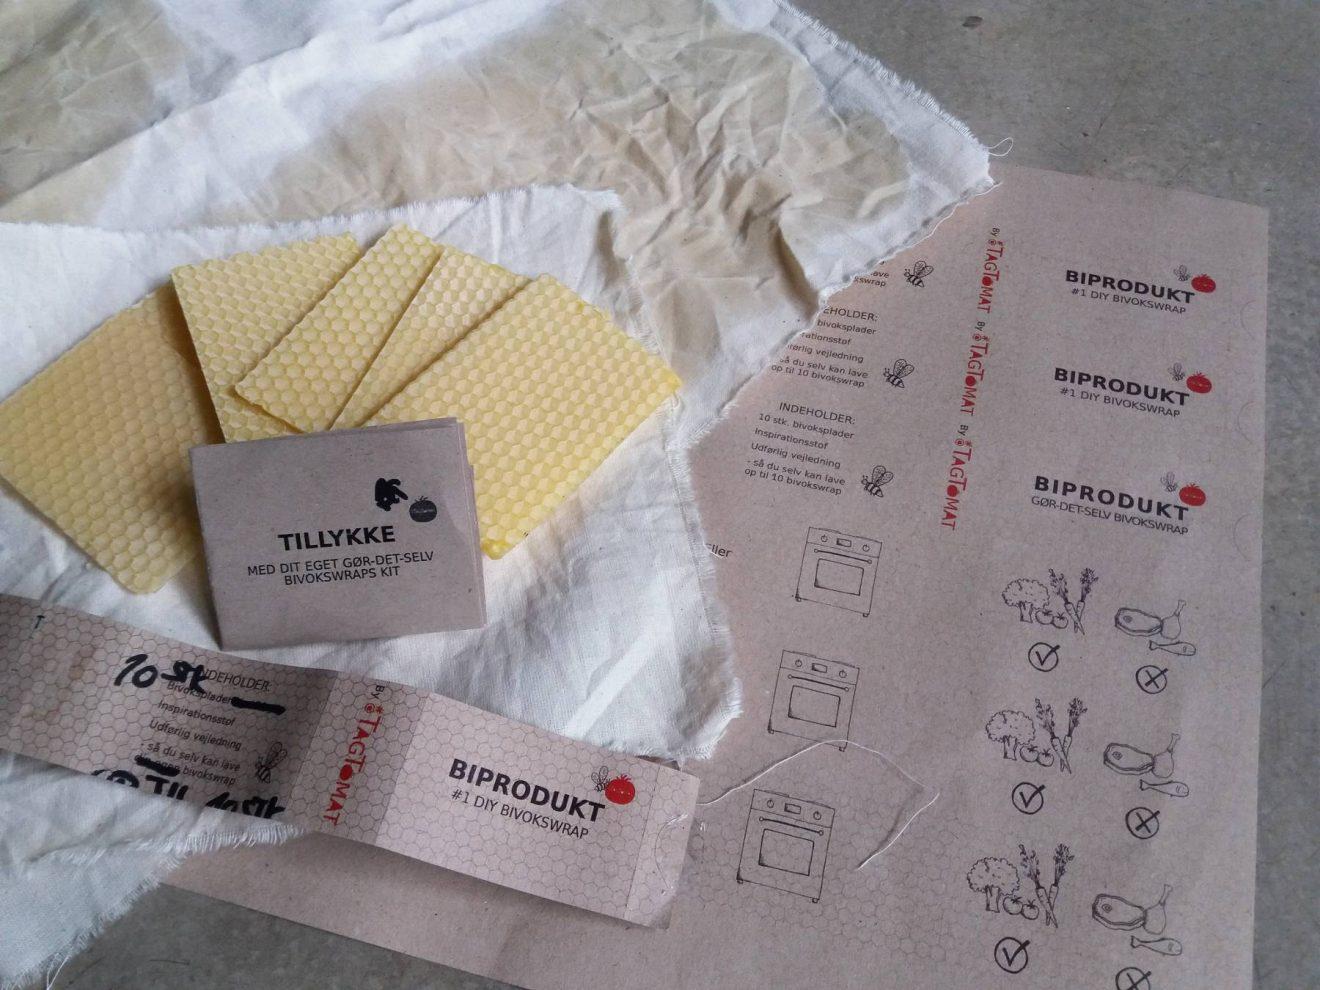 BiProdukt - DIY Bivokswrap